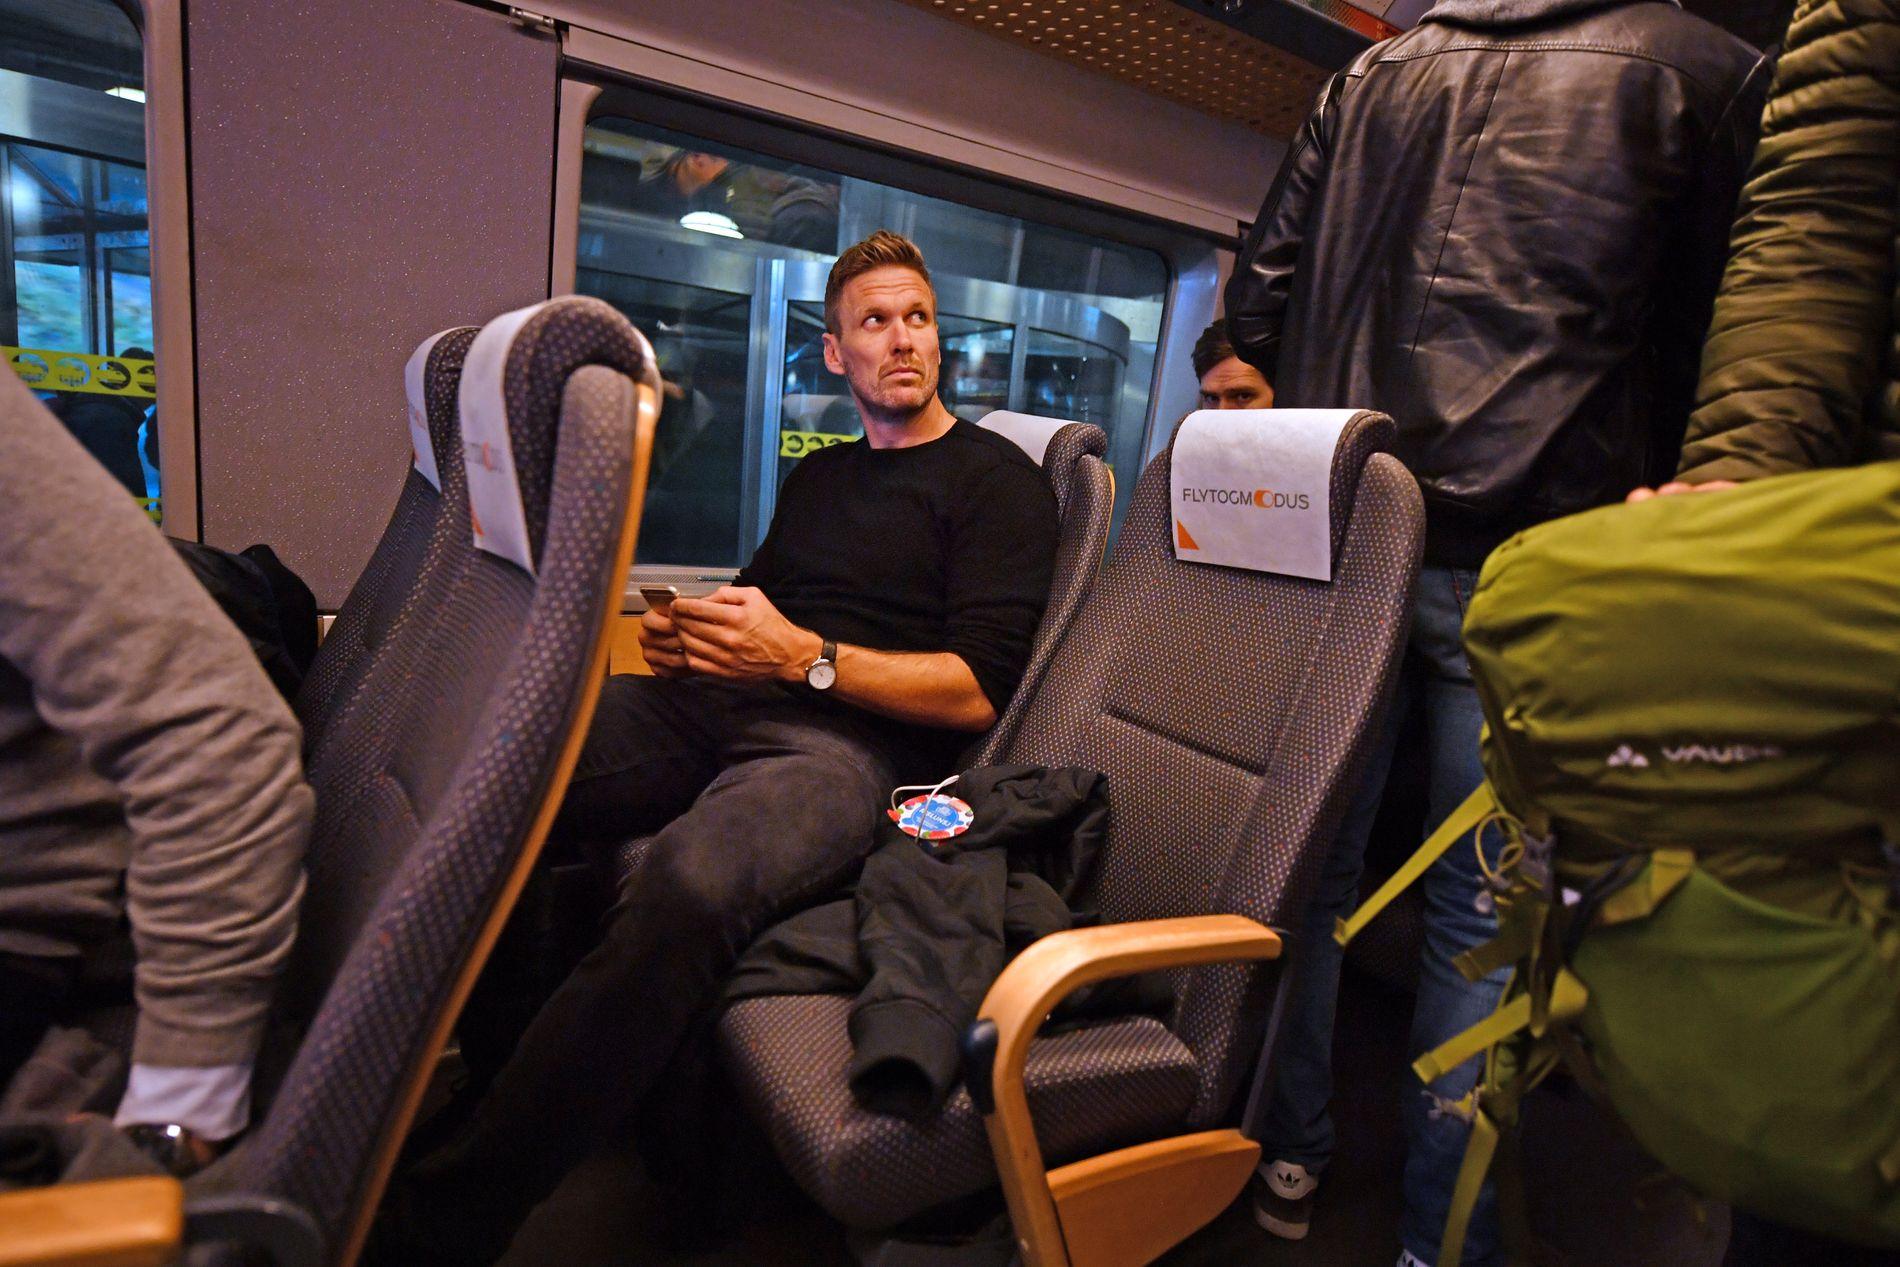 KJØRER KOLLEKTIVT: Ferden fra Gardermoen til Oppegård om Oslo S ble foretatt med blant Flytoget for Frode Kippe etter cupsemifinaletriumfen mot Molde.